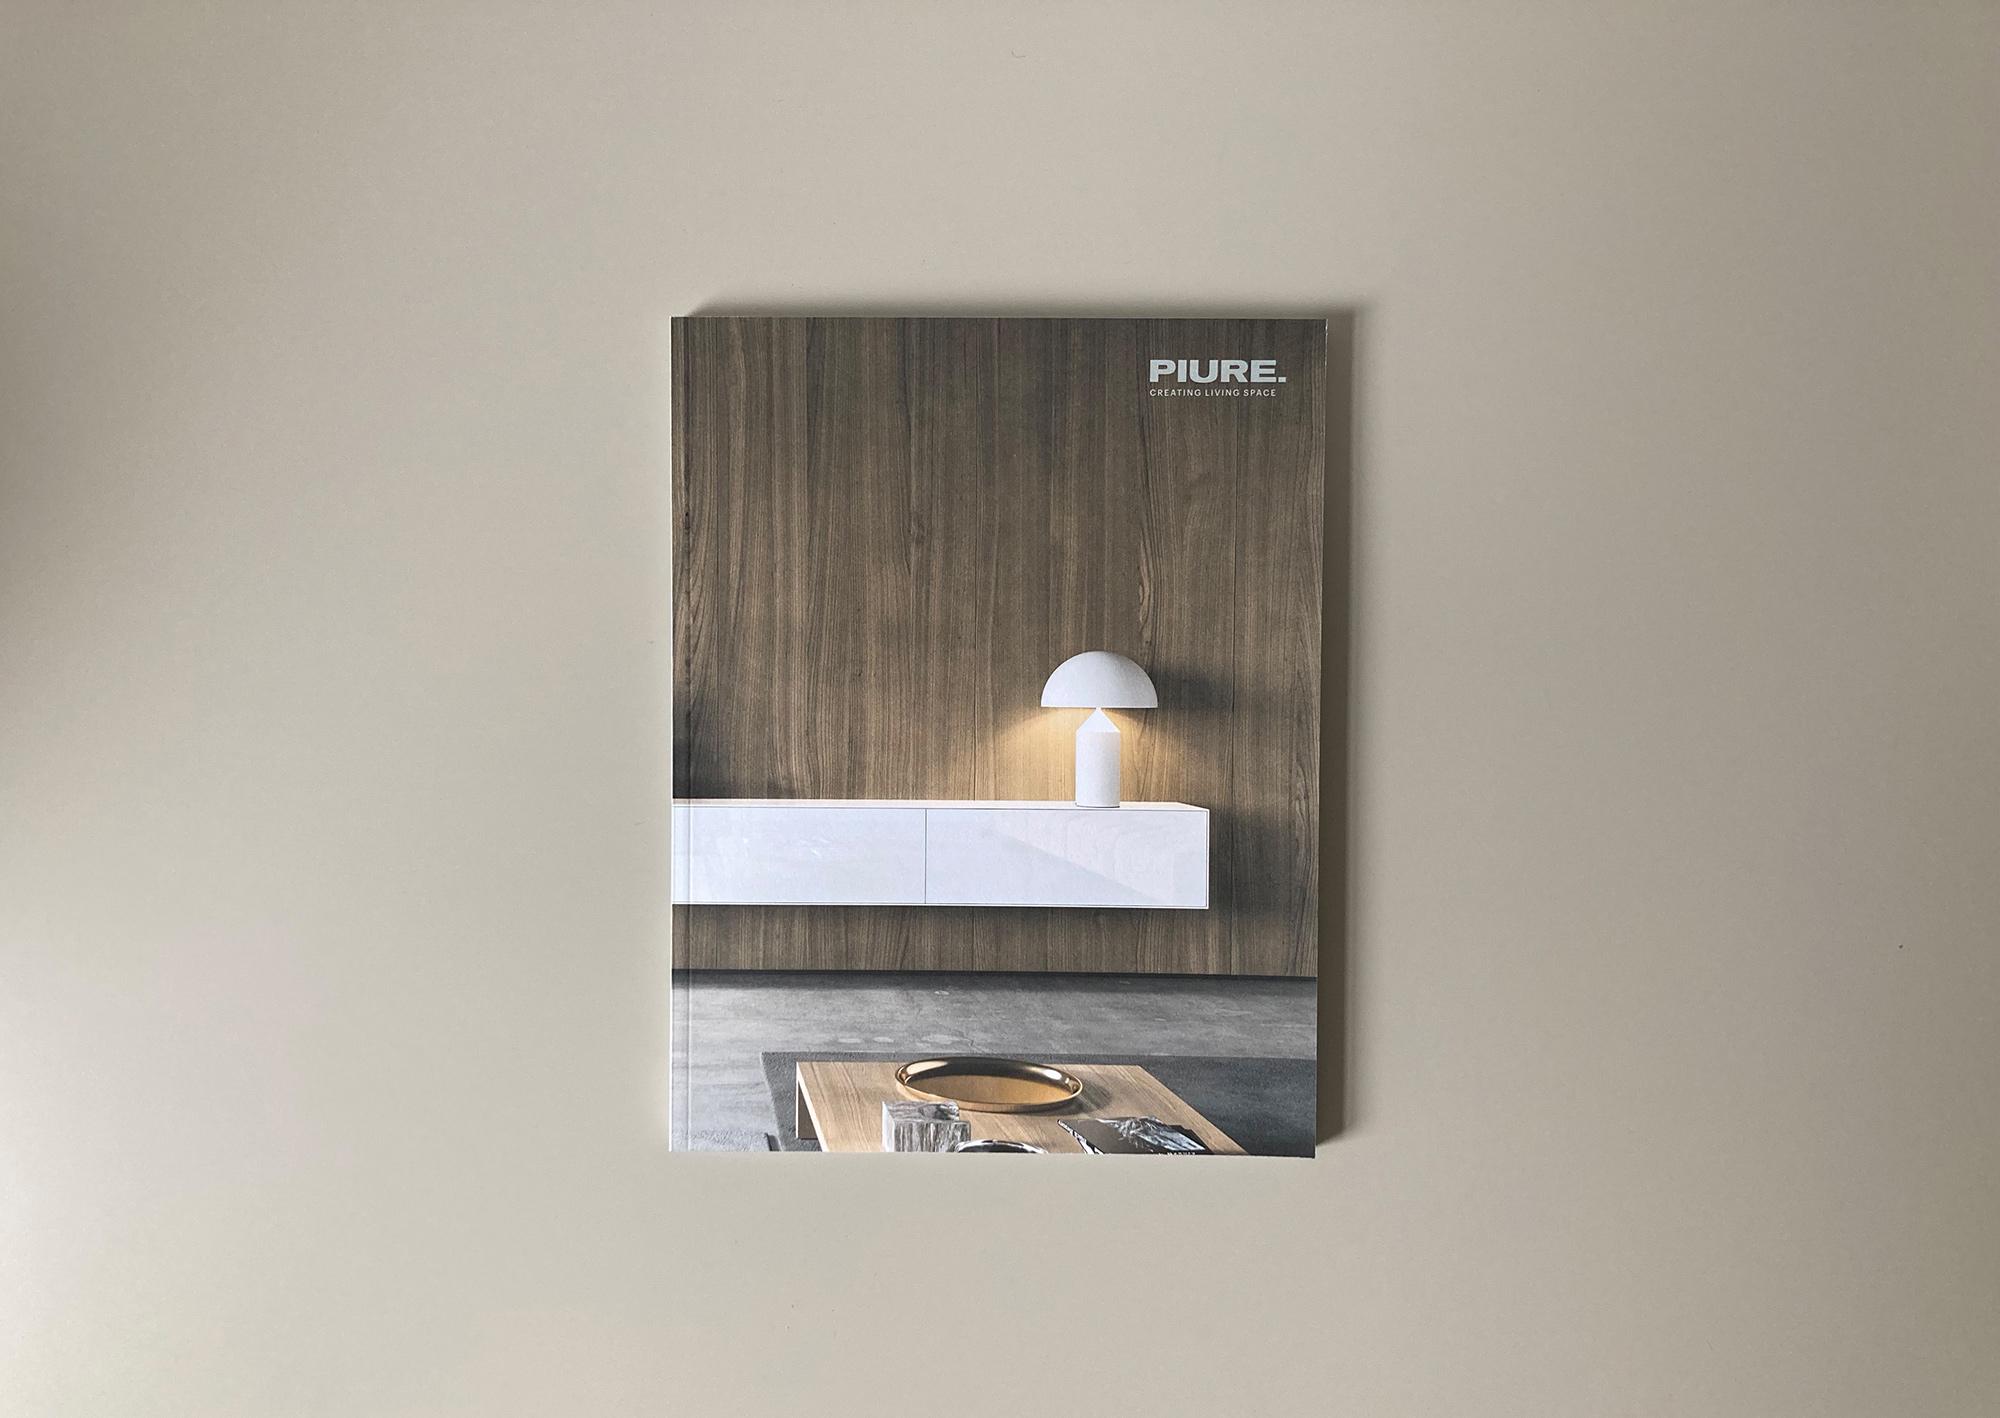 Piure Katalog 2021